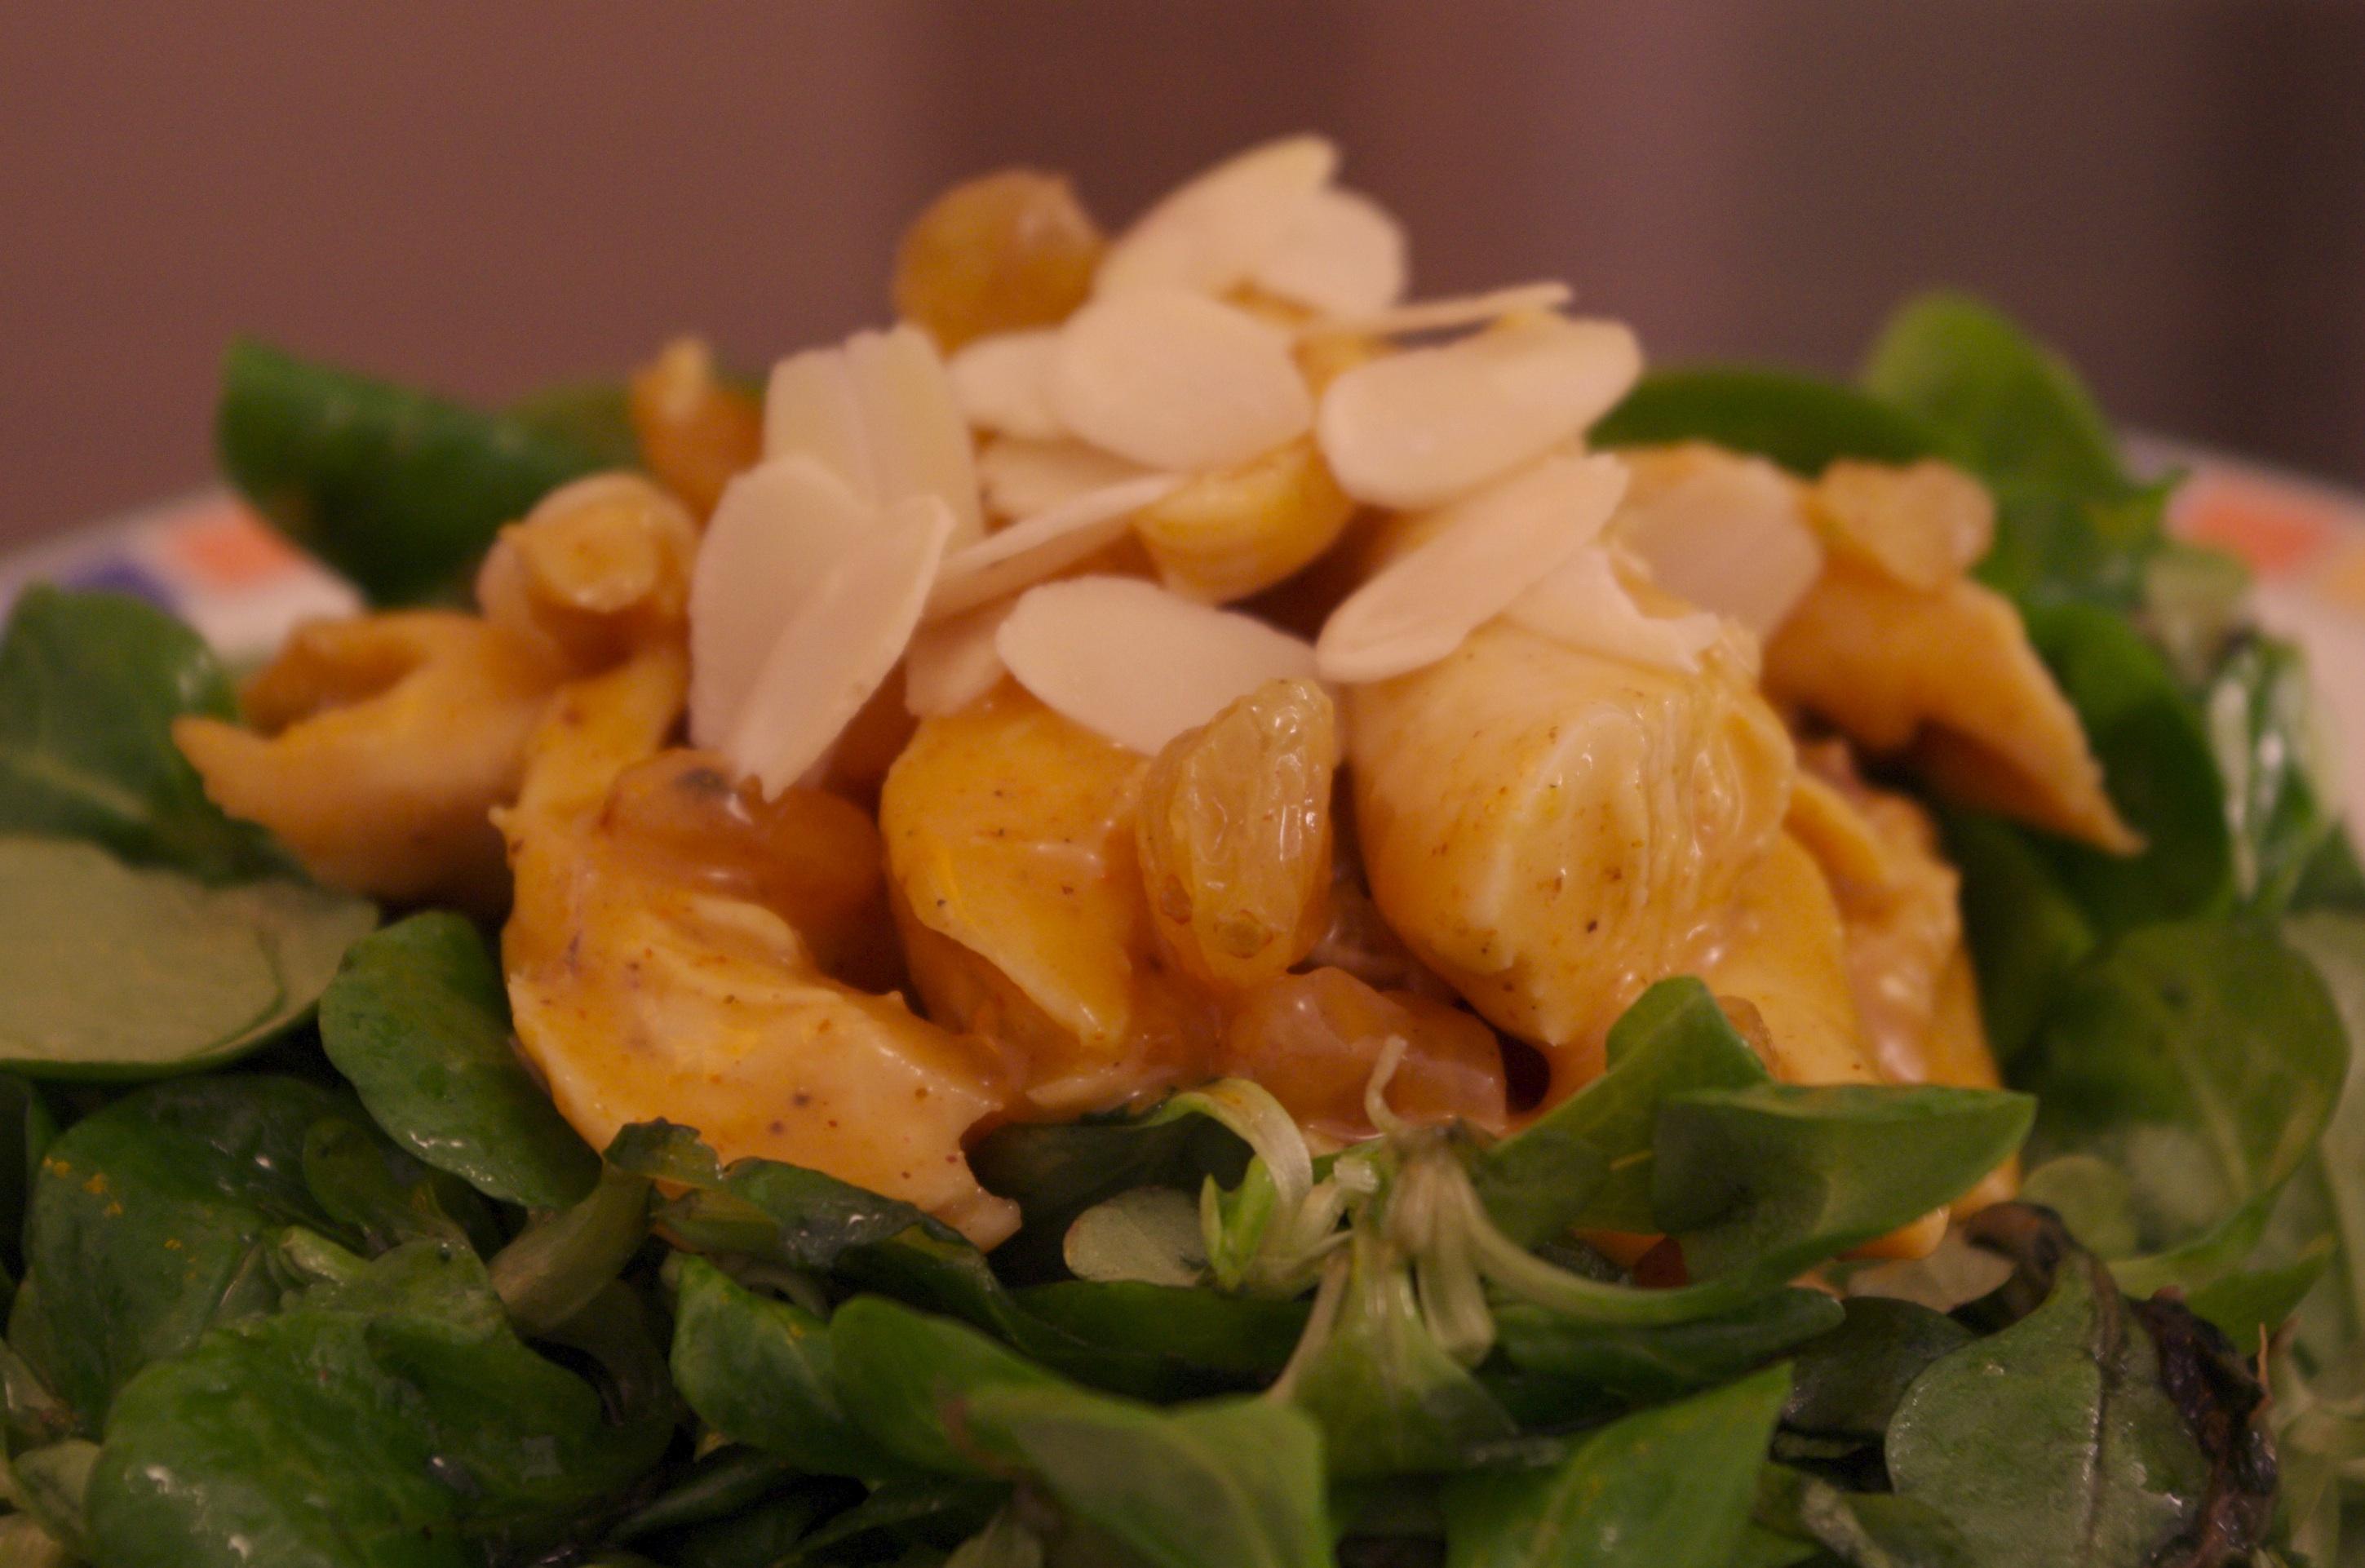 Coronation chicken (préparation au poulet, chutney de mangue et curry)